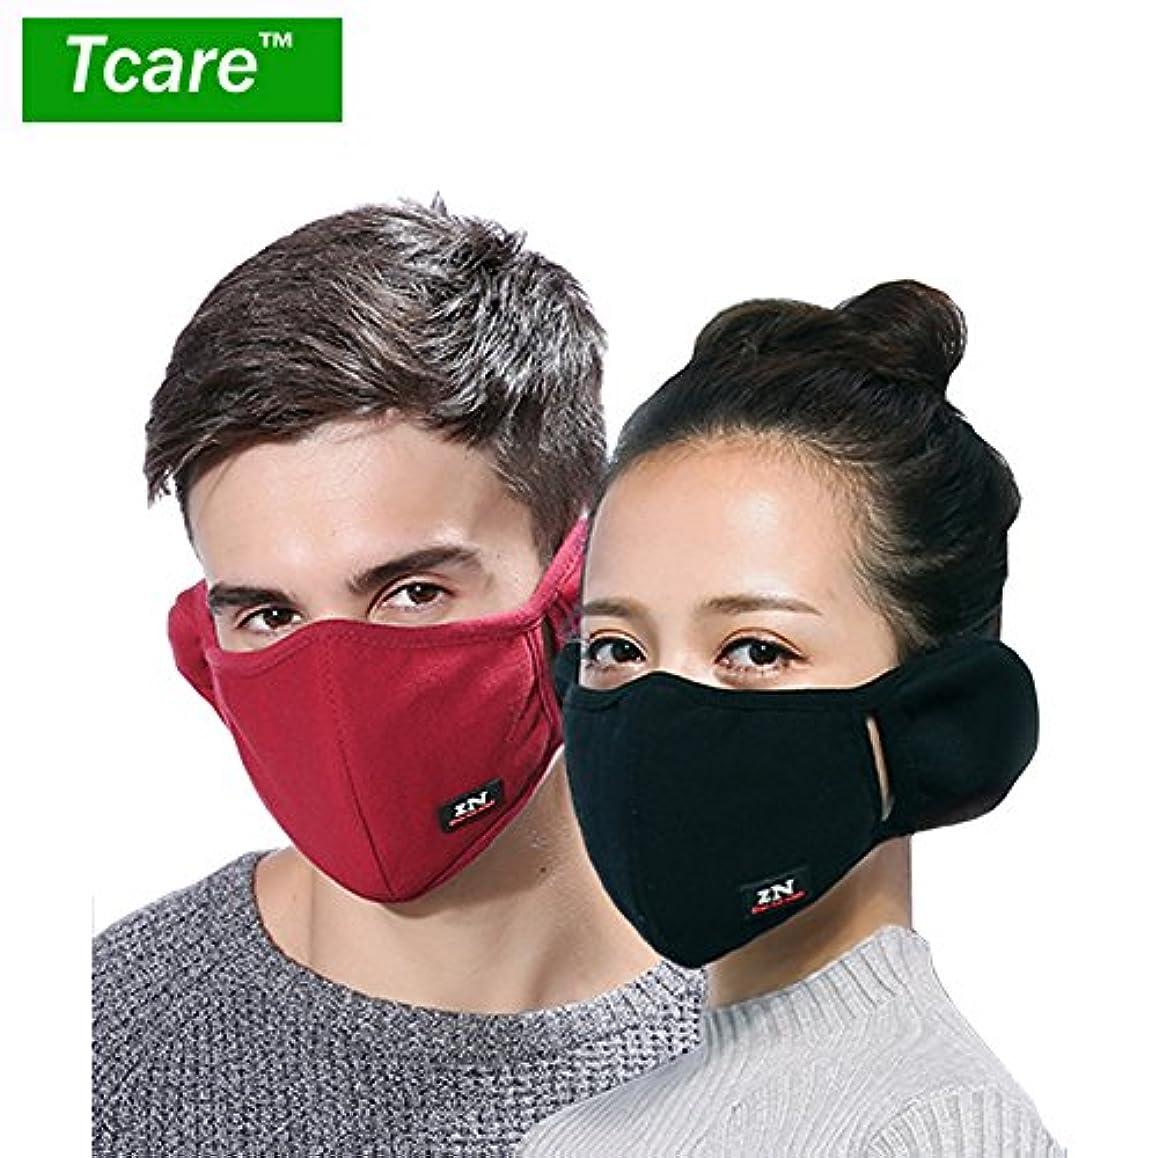 セクション不安定な従順男性女性の少年少女のためのTcare呼吸器2レイヤピュアコットン保護フィルター挿入口:3ライト